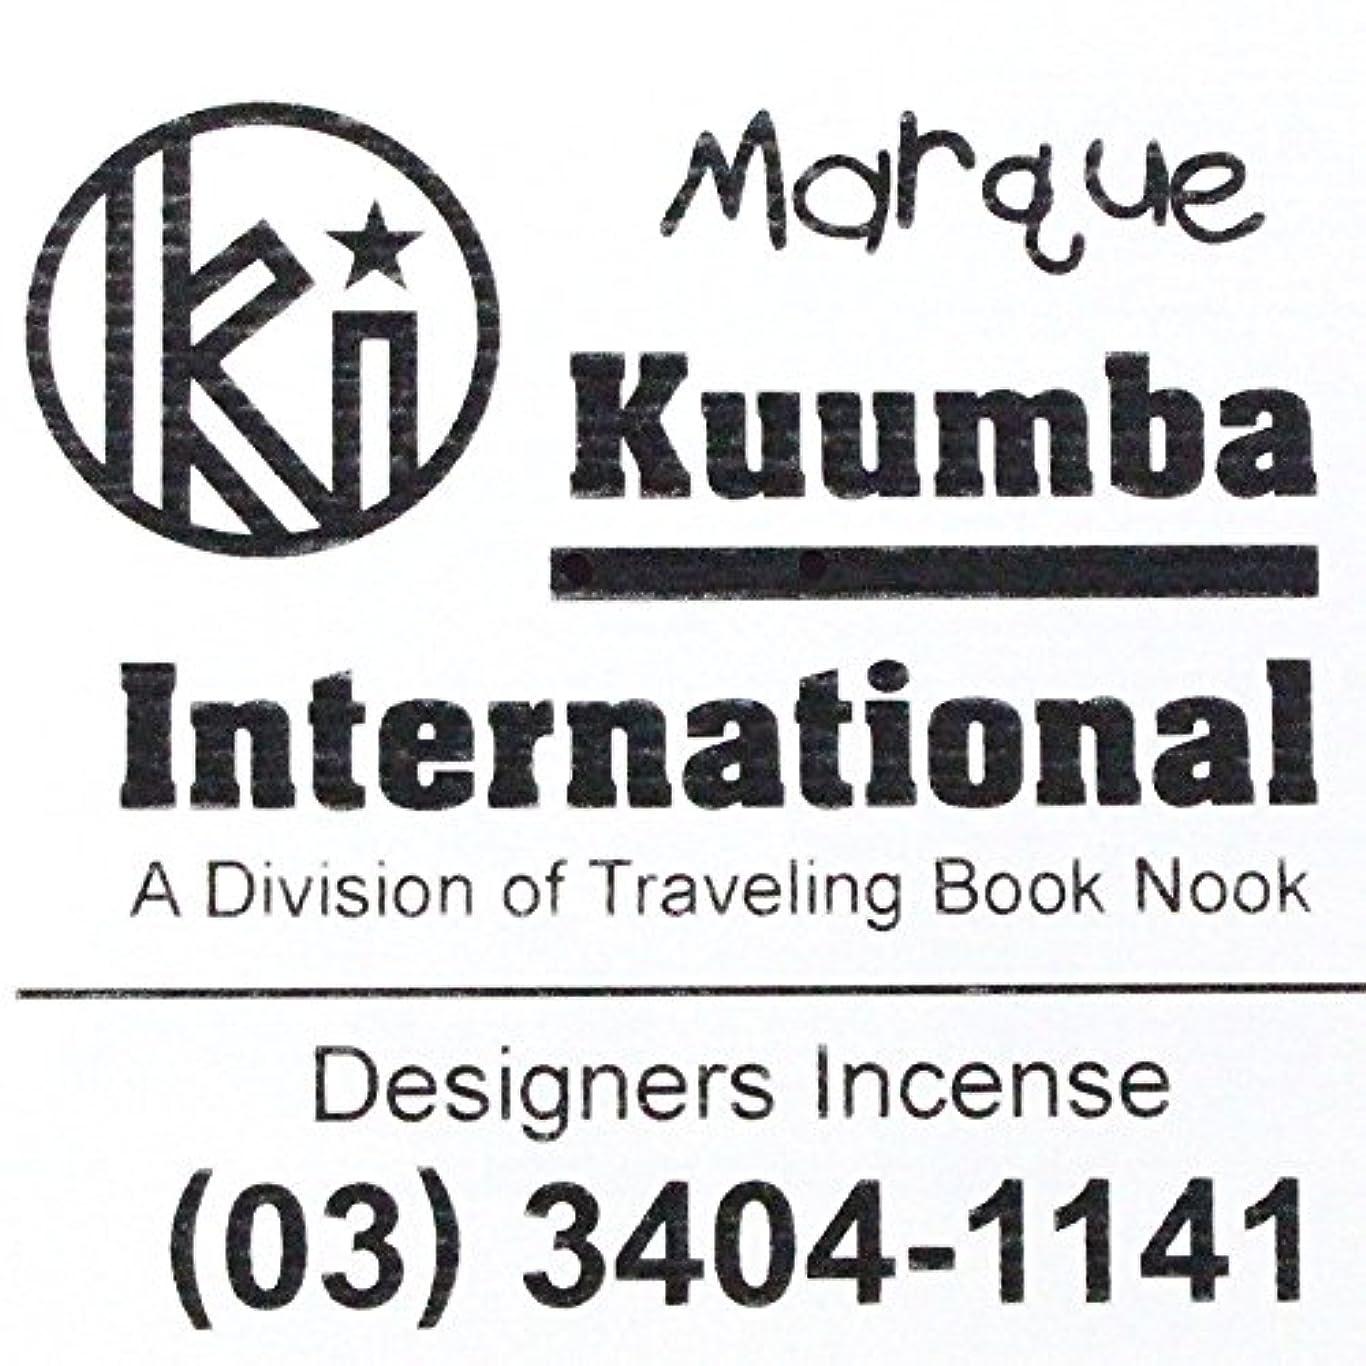 元気なナンセンスラブ(クンバ) KUUMBA『incense』(Marque) (Regular size)